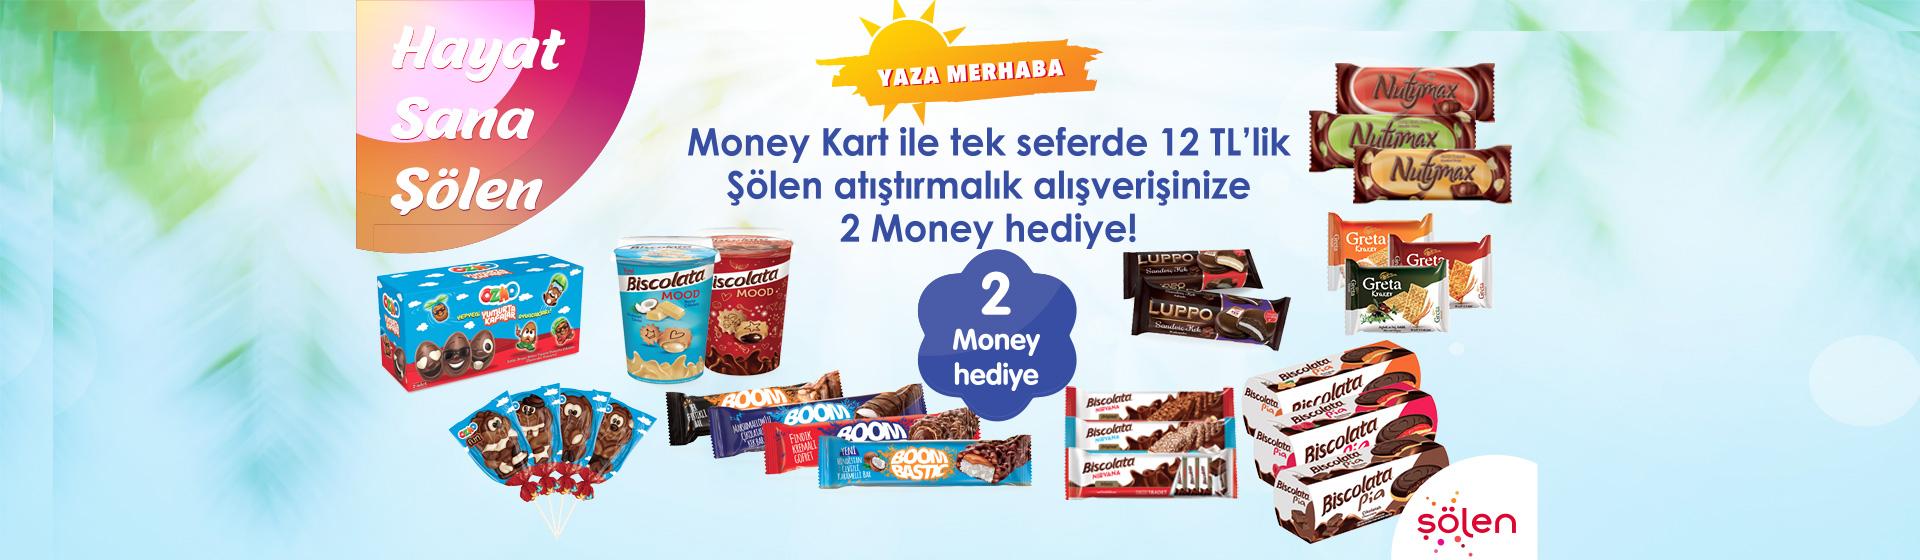 Şölen Money Kampanyası